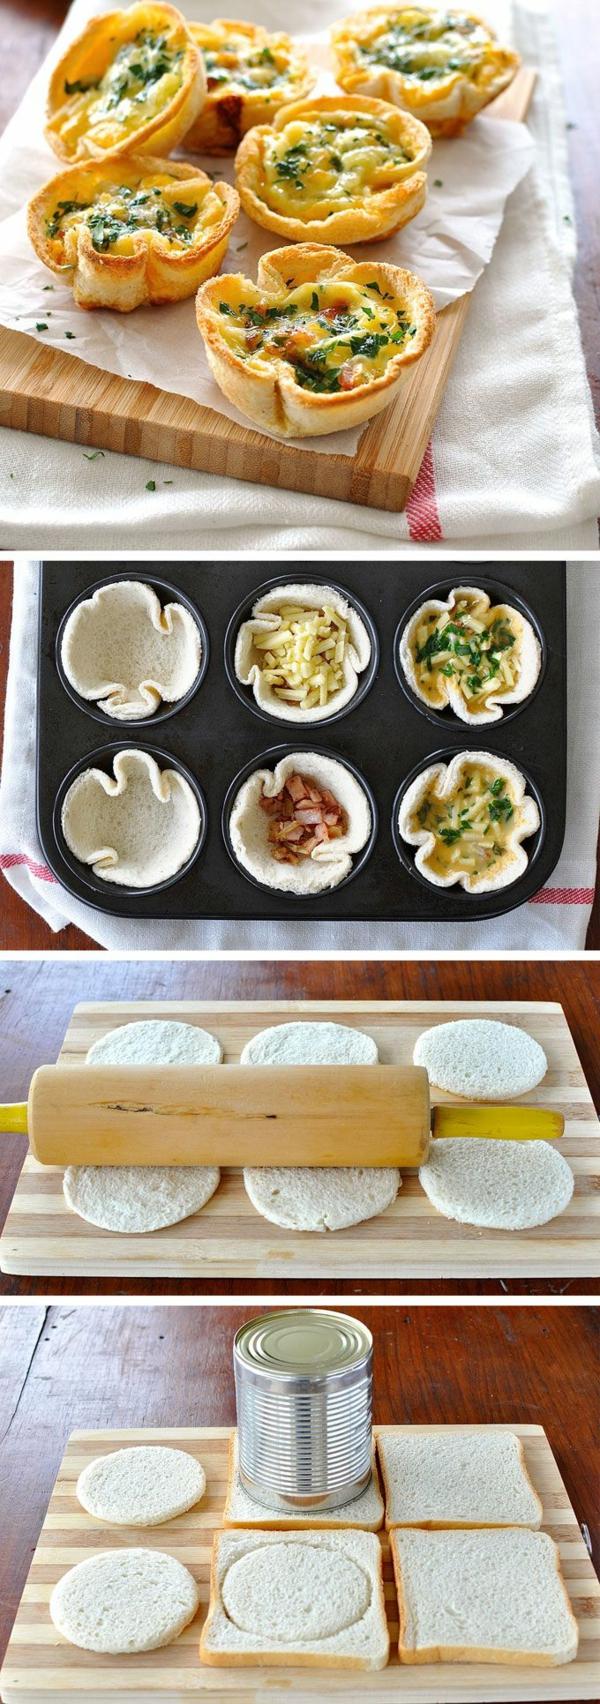 Antipasti sfiziosi freddi veloci, muffin con verdure, muffin con uova e spinaci